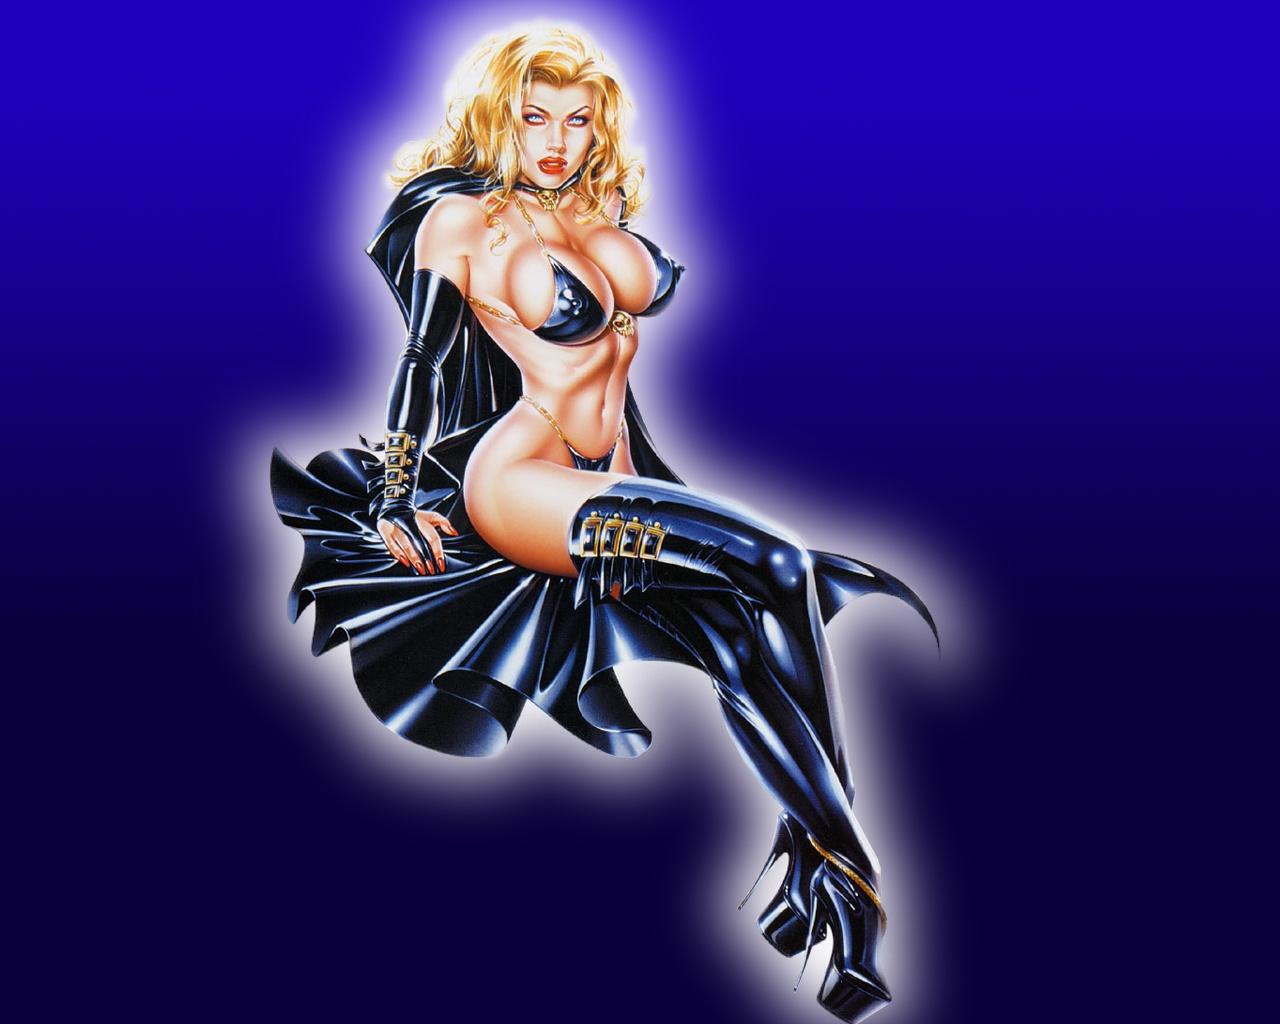 hot naked girls from marvel